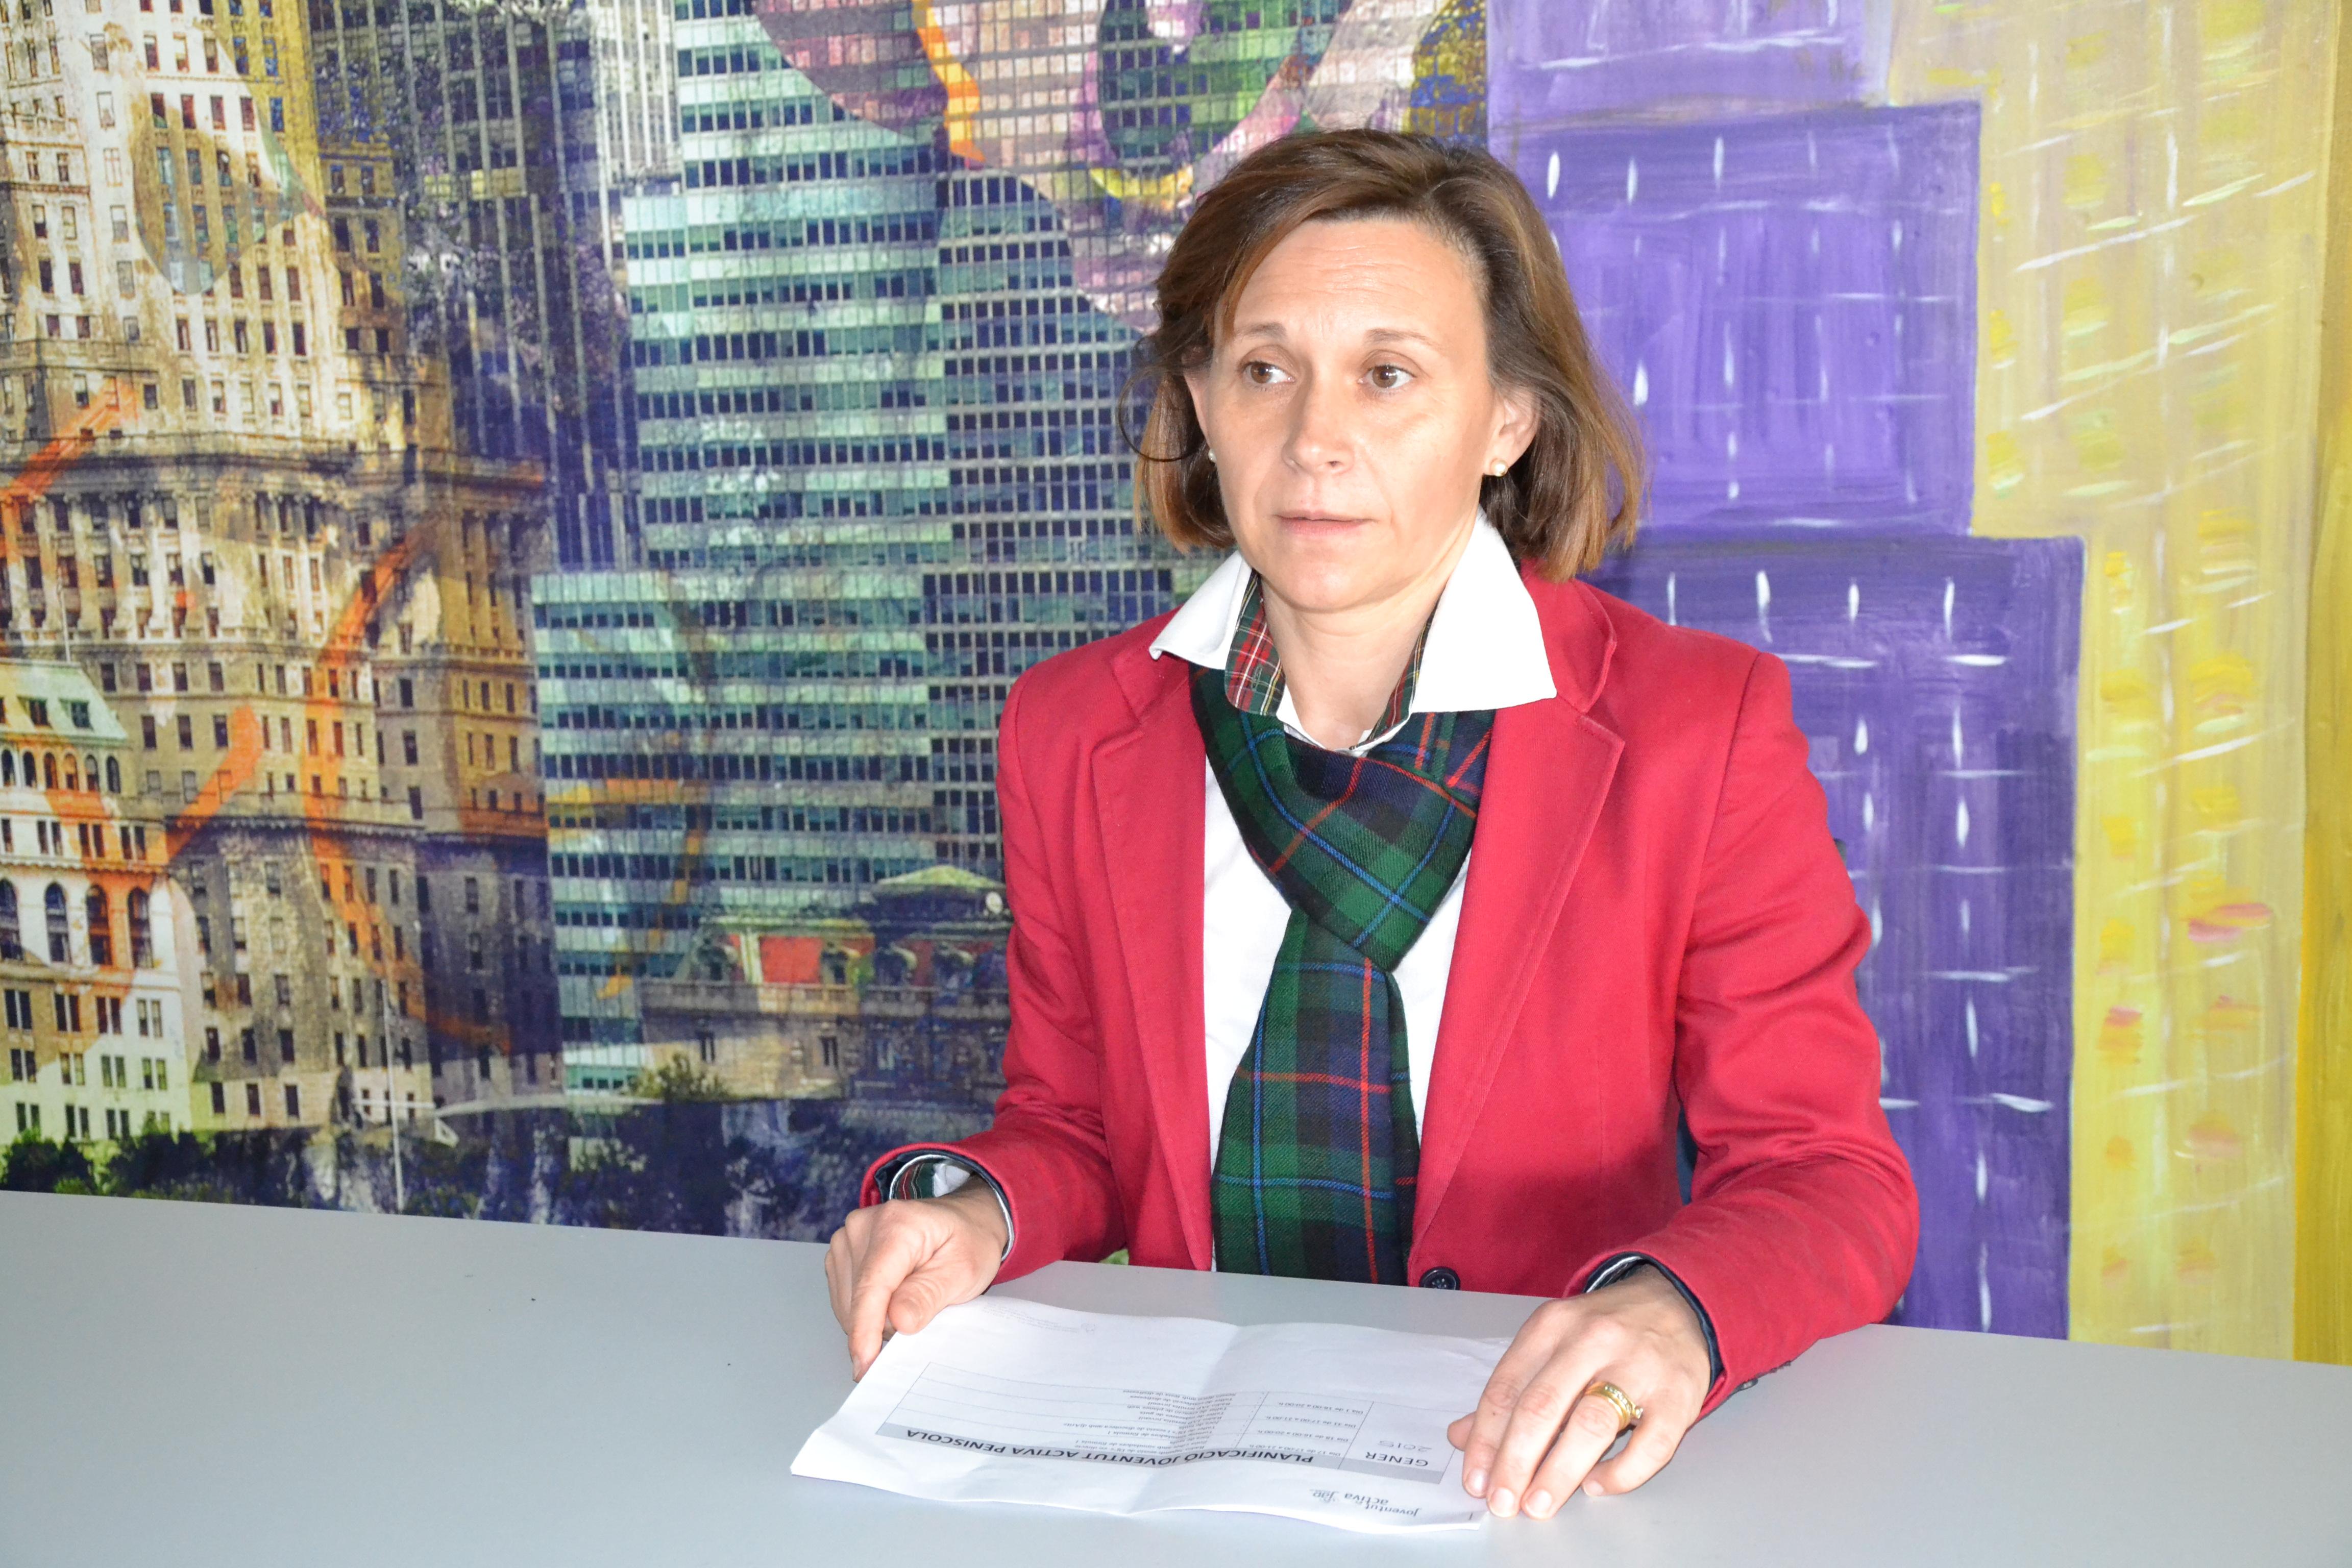 Peníscola, la regidora Maria Jesús Albiol dirigirà les àrees de Benestar Social, Sanitat i Igualtat